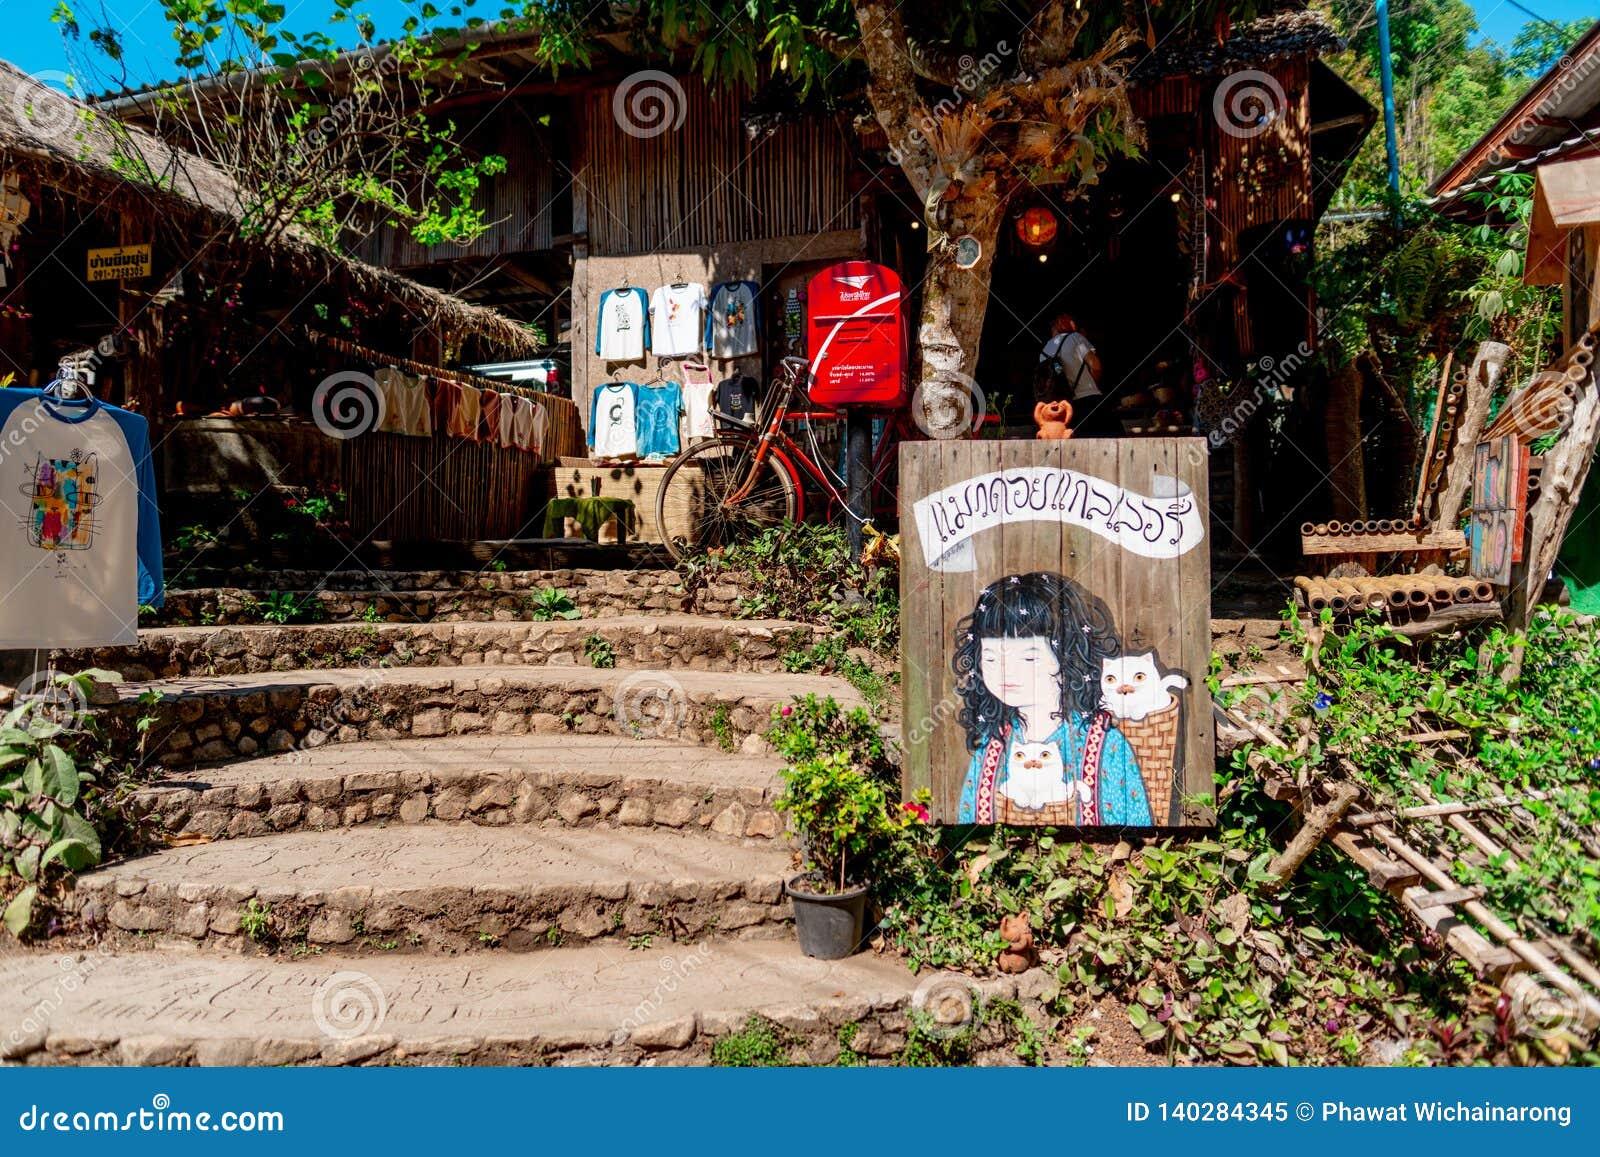 Une galerie et une boutique de souvenirs d art dans le village de Maekampong, Chiang Mai